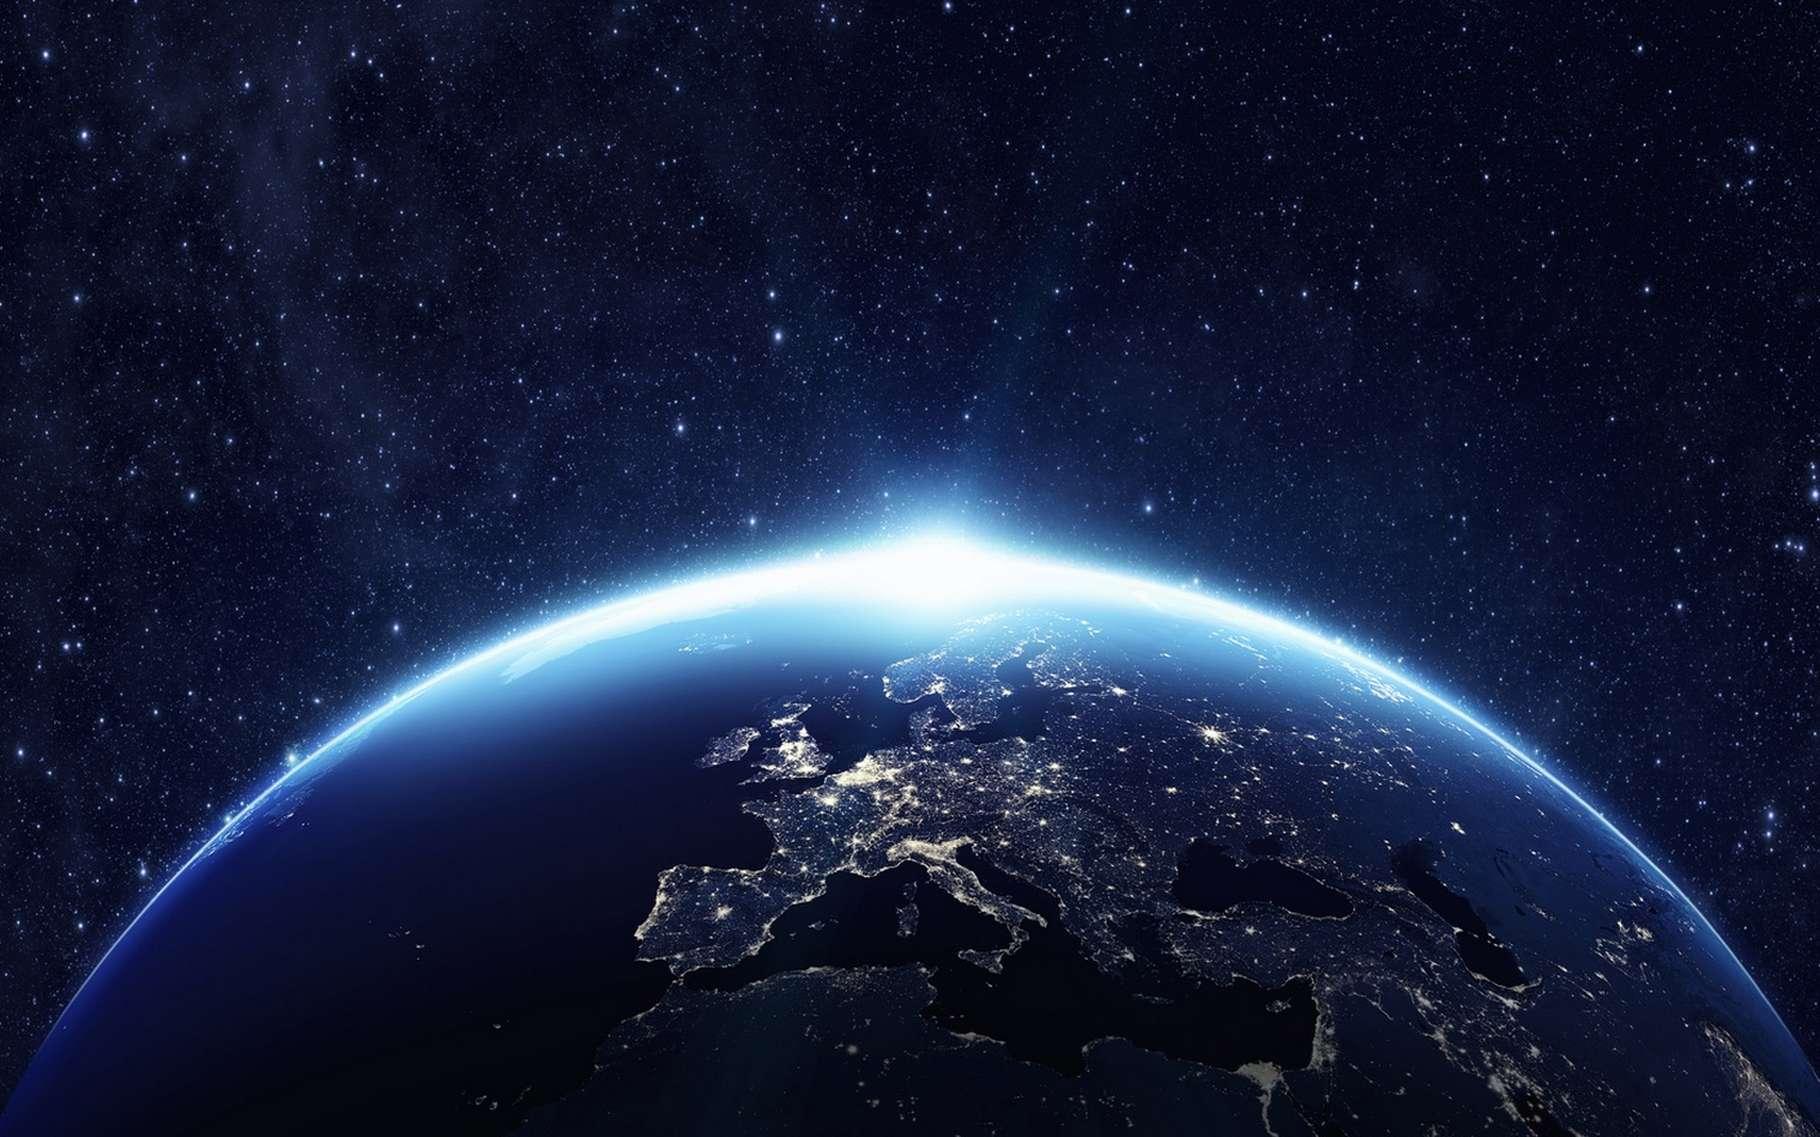 Les explorations interstellaires sont une puissante source d'inspiration pour la science-fiction. Le projet Breakthrough Starshot espère en faire une réalité d'ici la fin de ce siècle. © Rangizzz, Fotolia